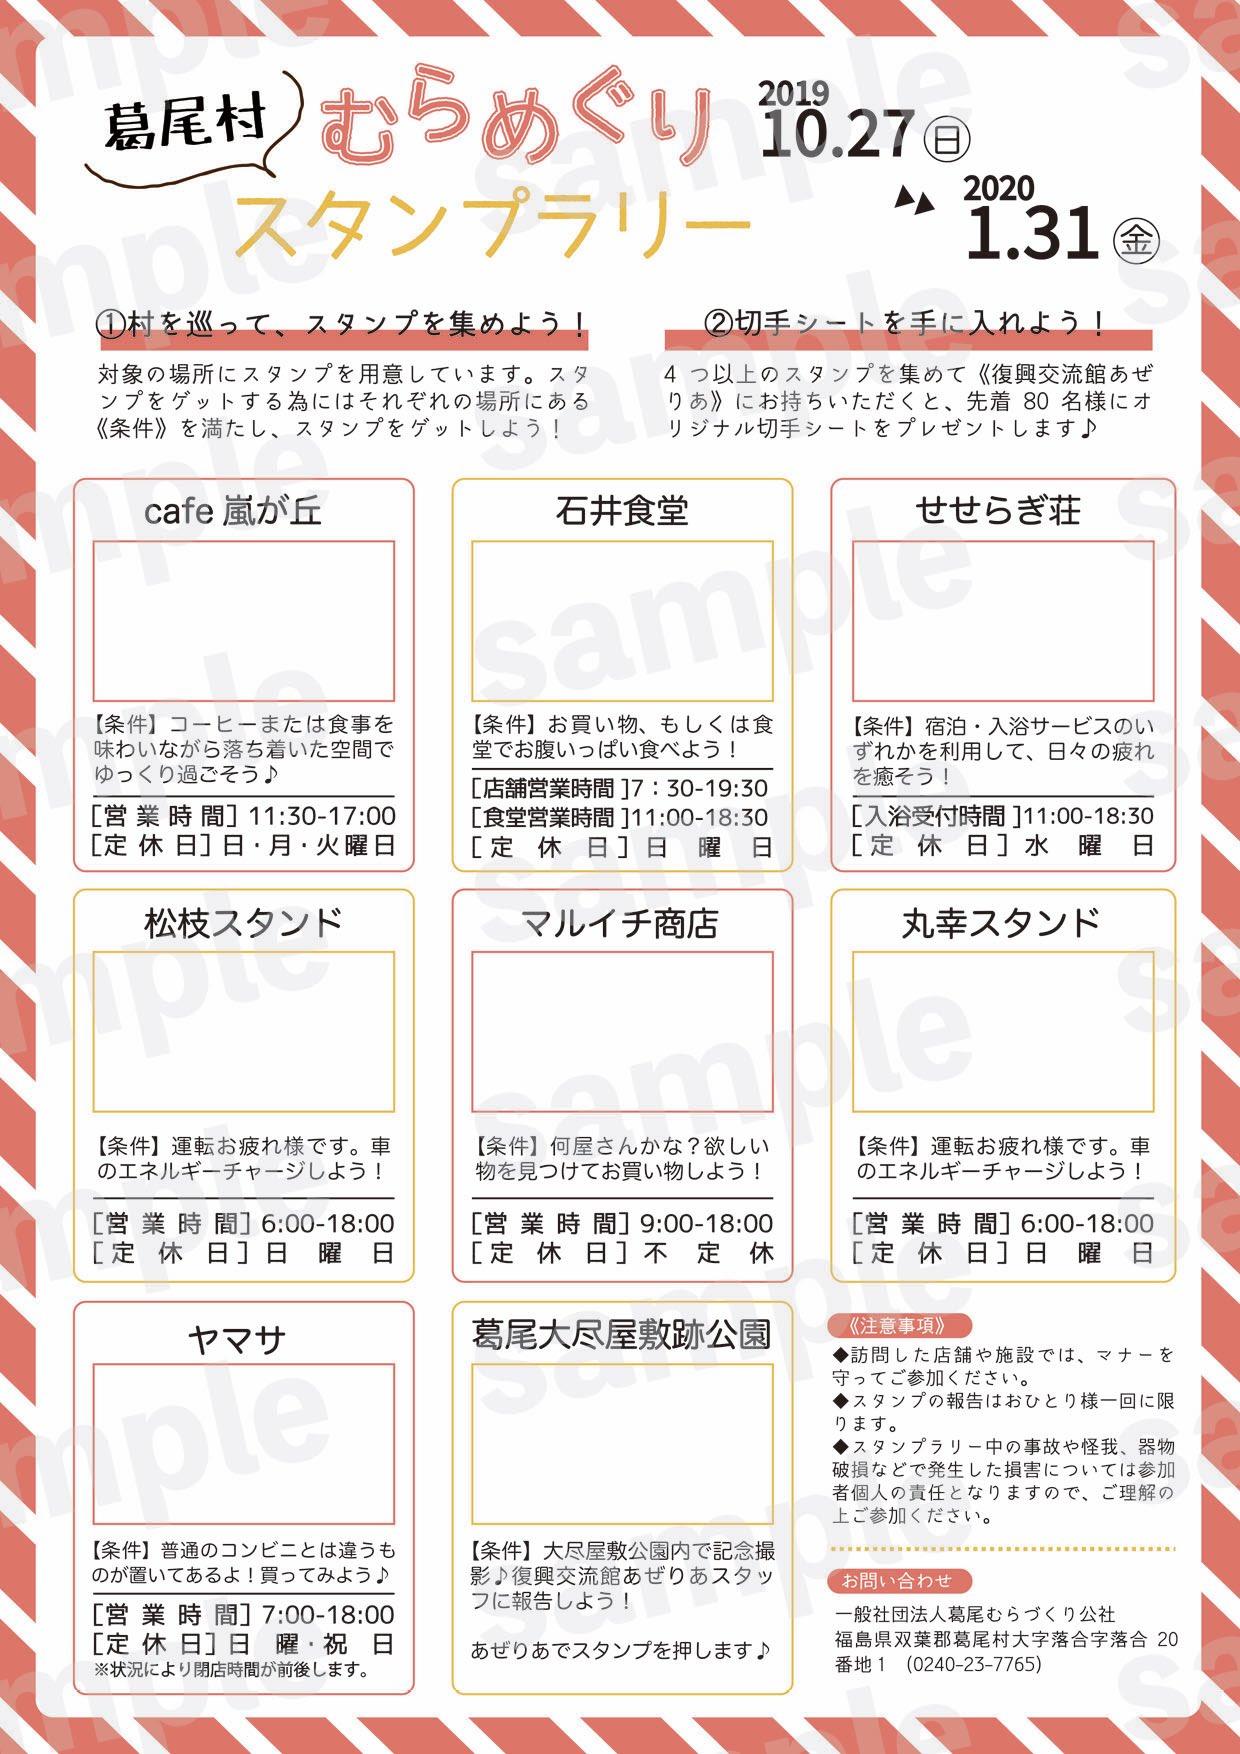 2019.10.27~2020.1.31葛尾村むらめぐりスタンプラリー